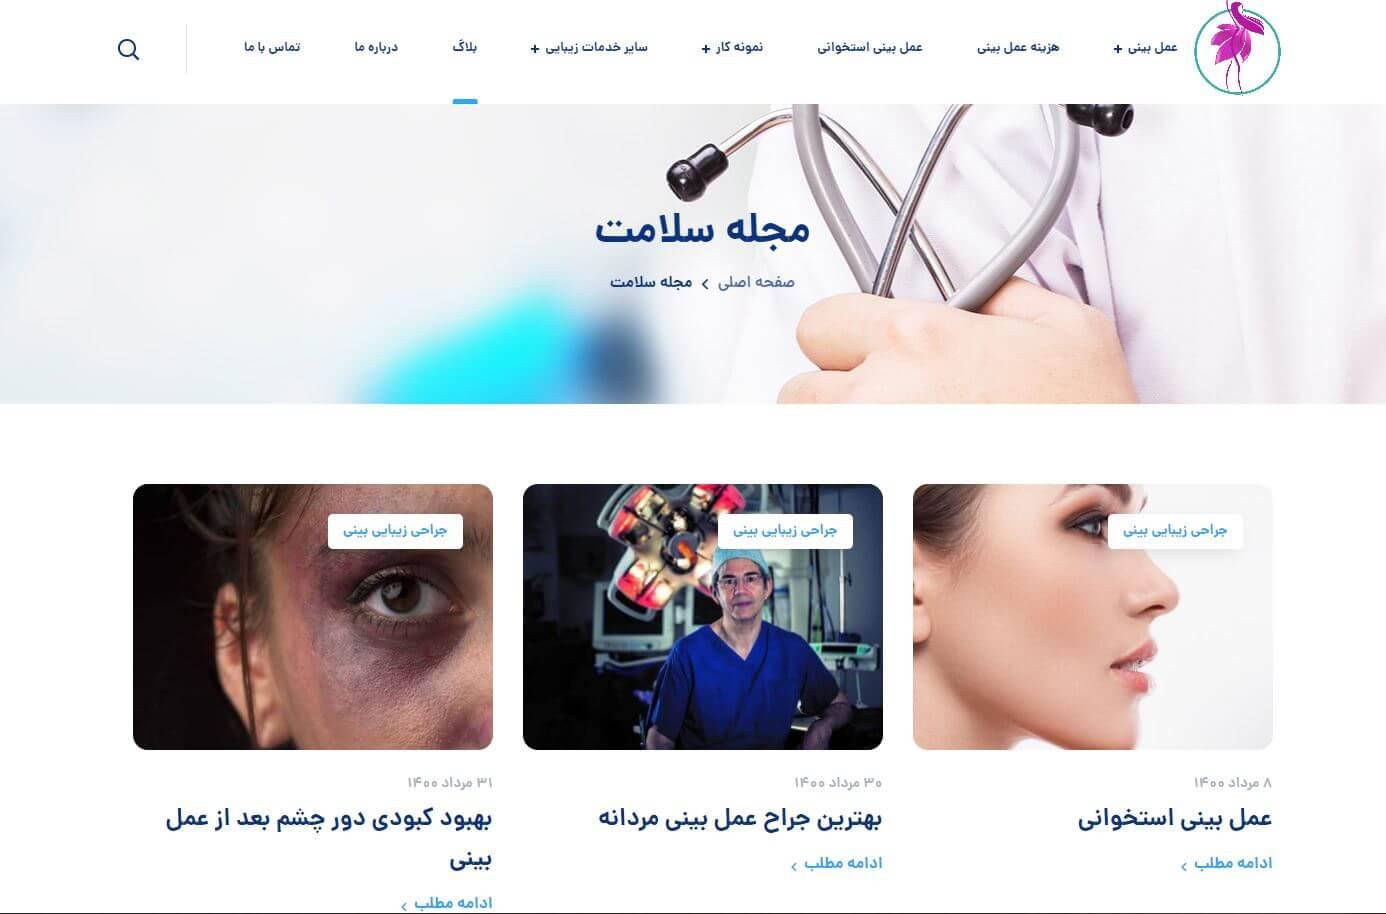 بلاگ دکتر تهران بیوتی